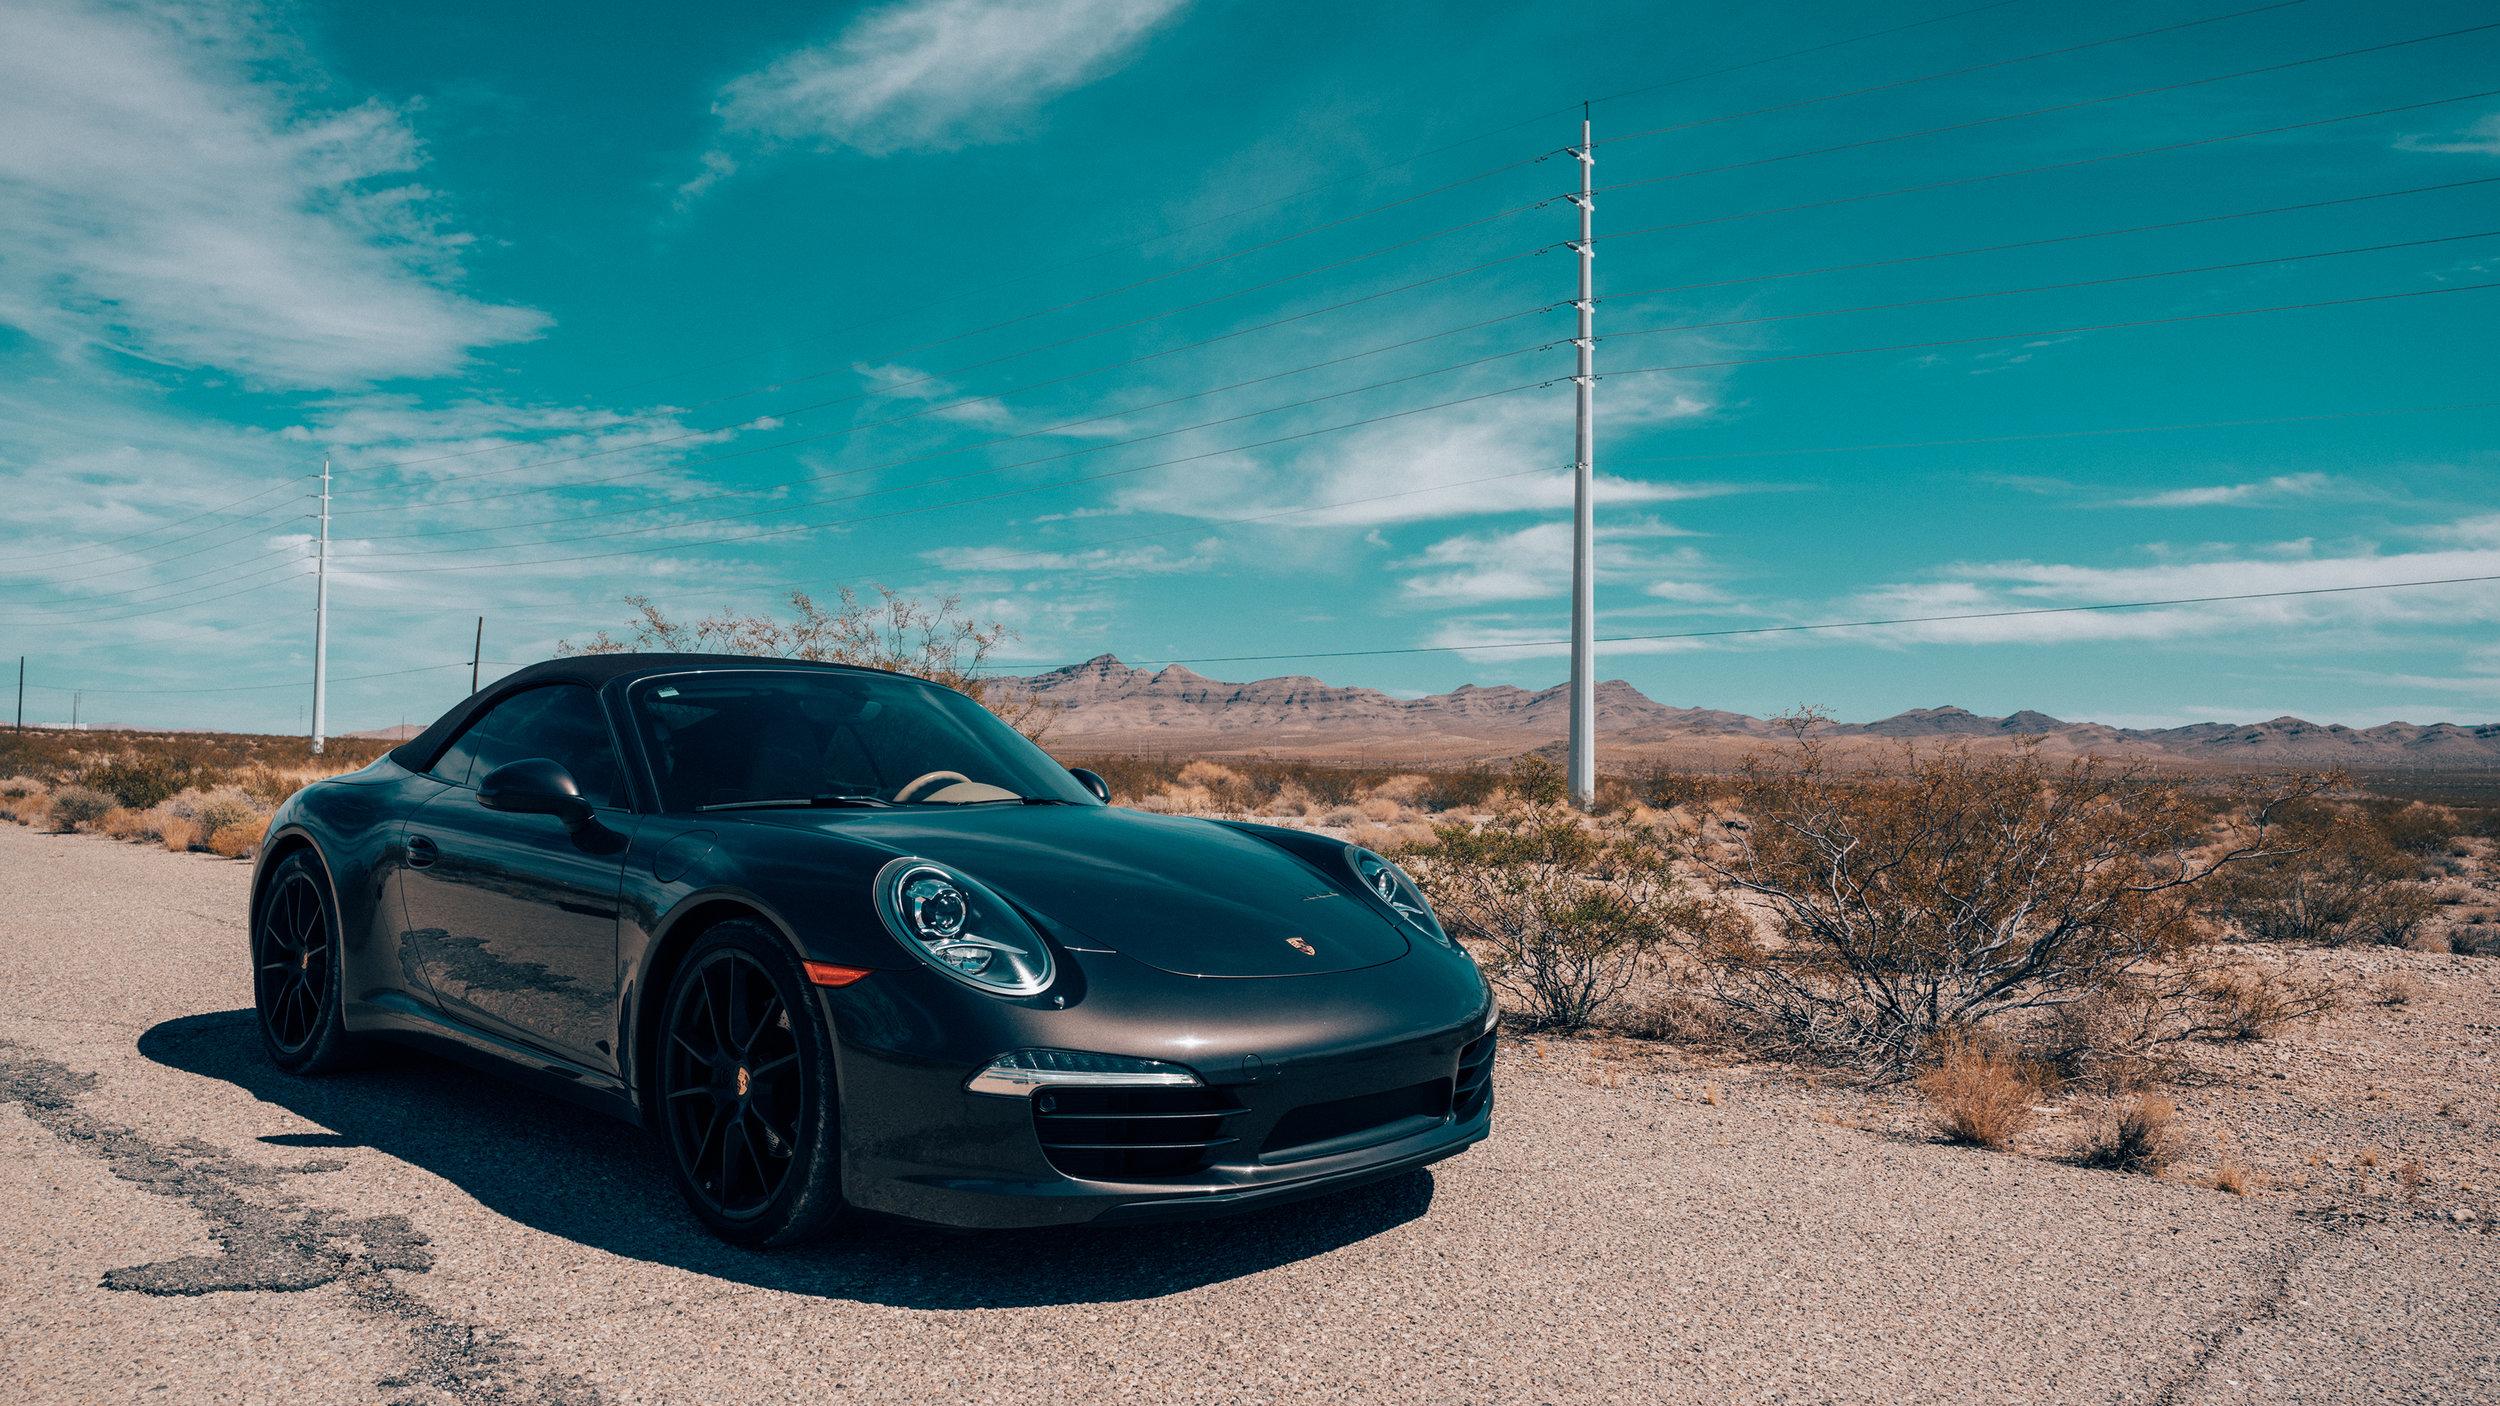 Porsche 911 Carrera | Mojave Desert | Zeiss Lenses